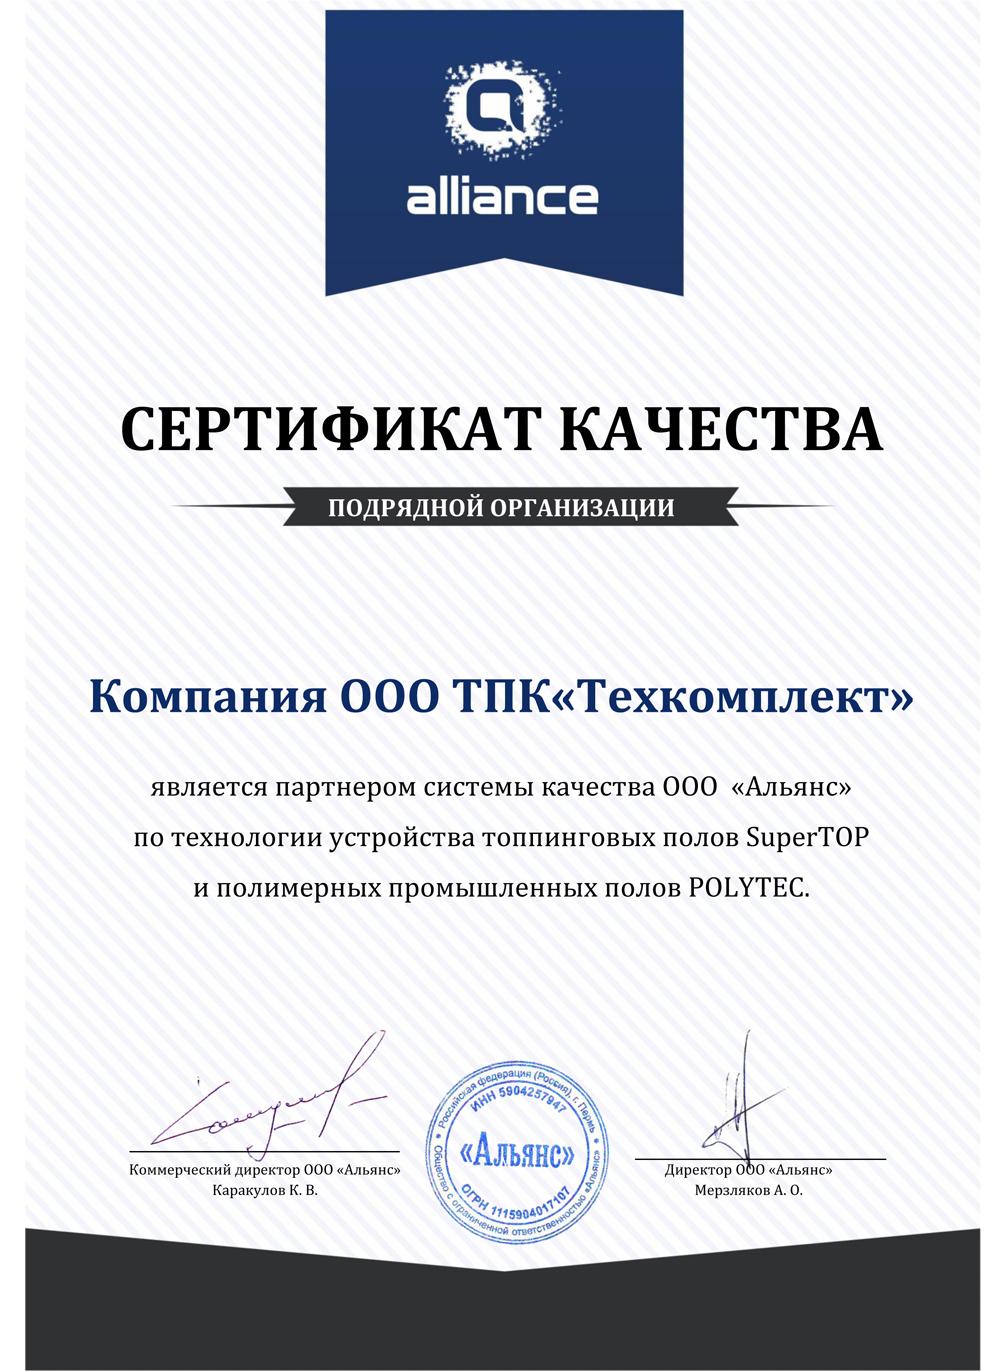 Сертификат качетва ООО Альянс